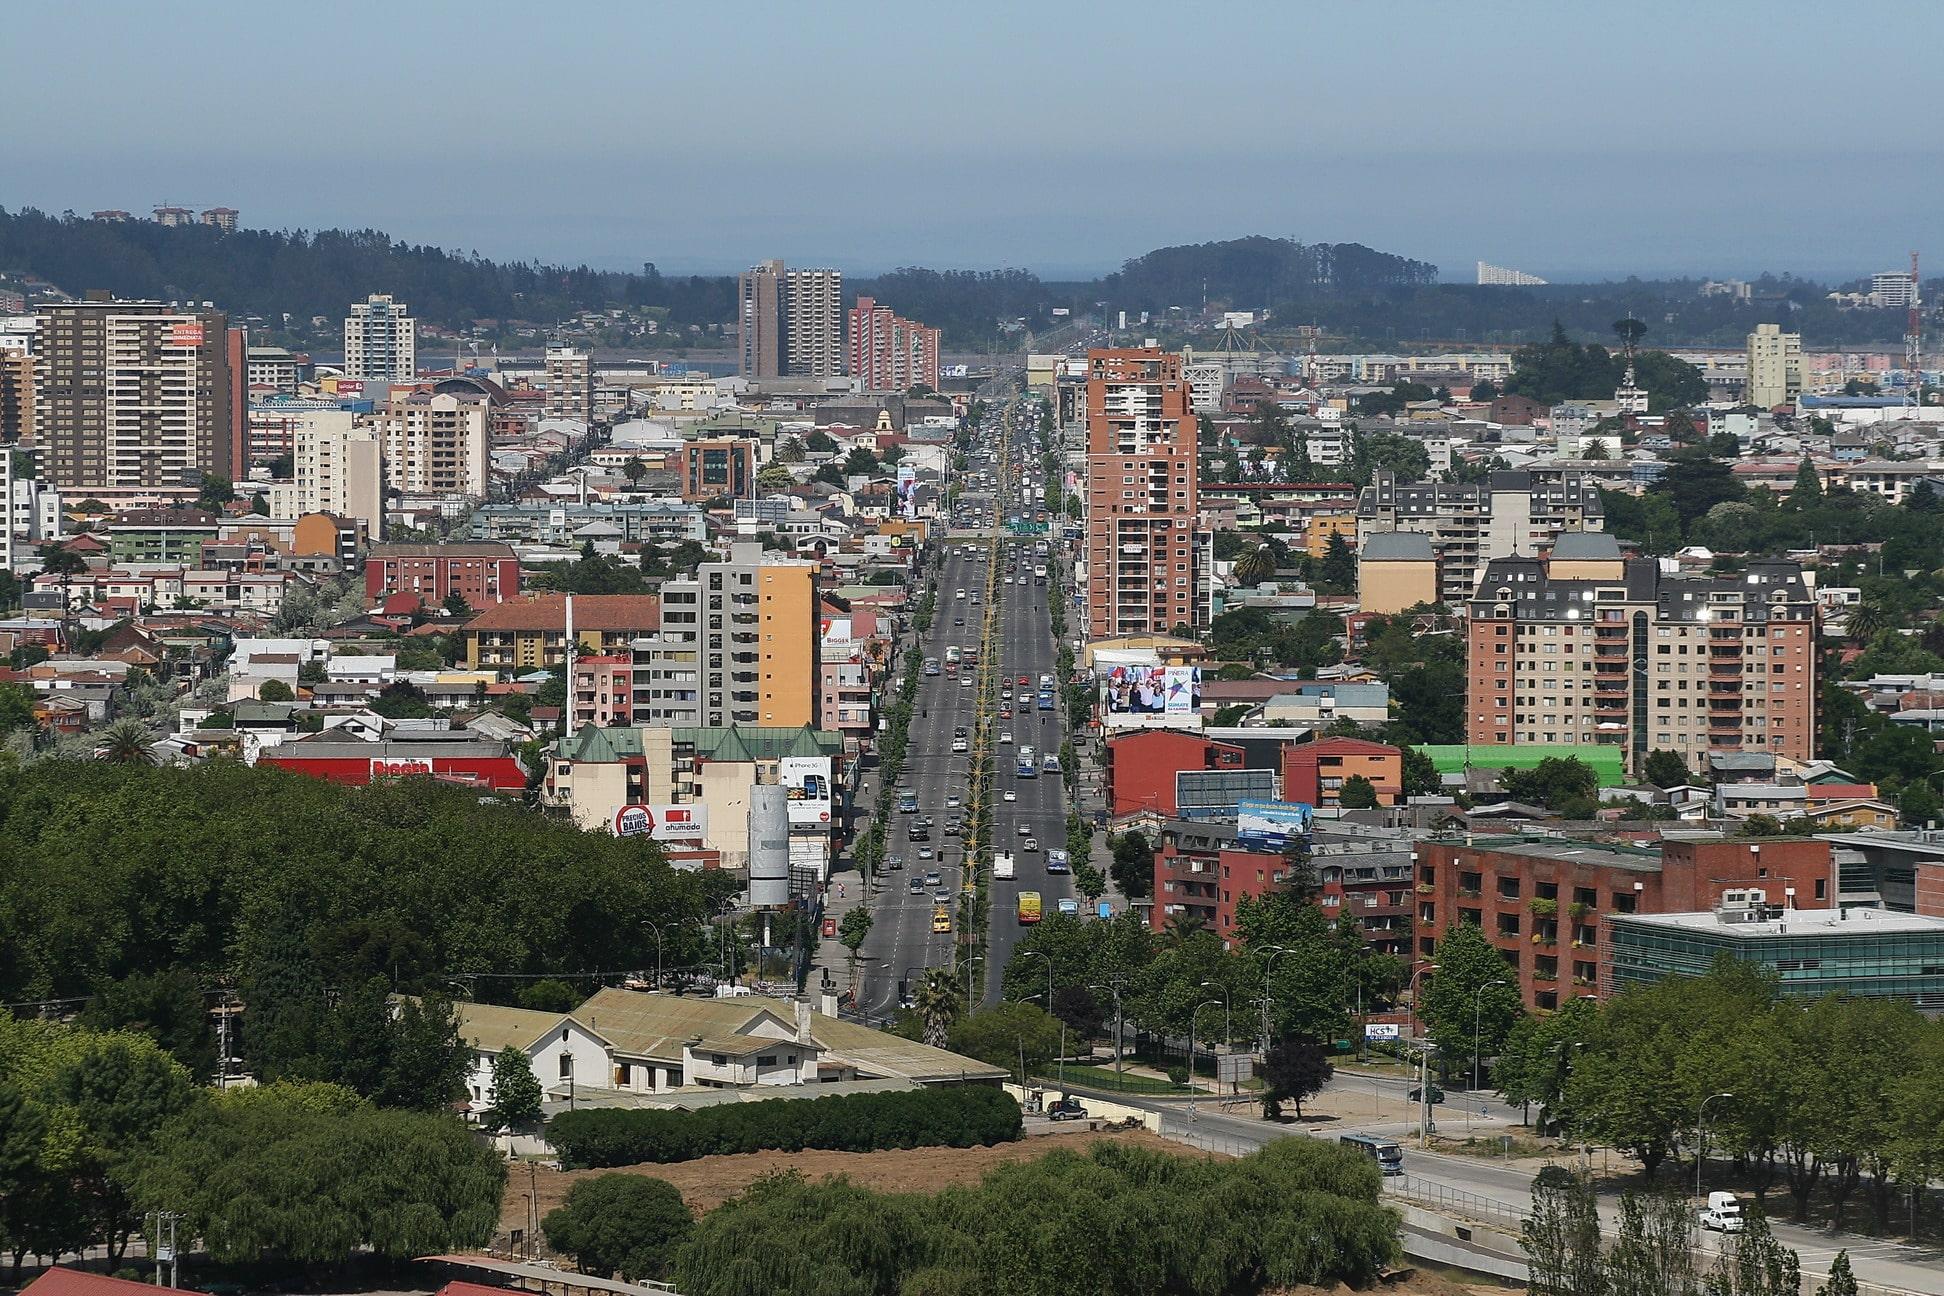 El anuncio de que Concepción será Ciudad Inteligente fue hecho por su Alcalde y el Subsecretario de Transportes.